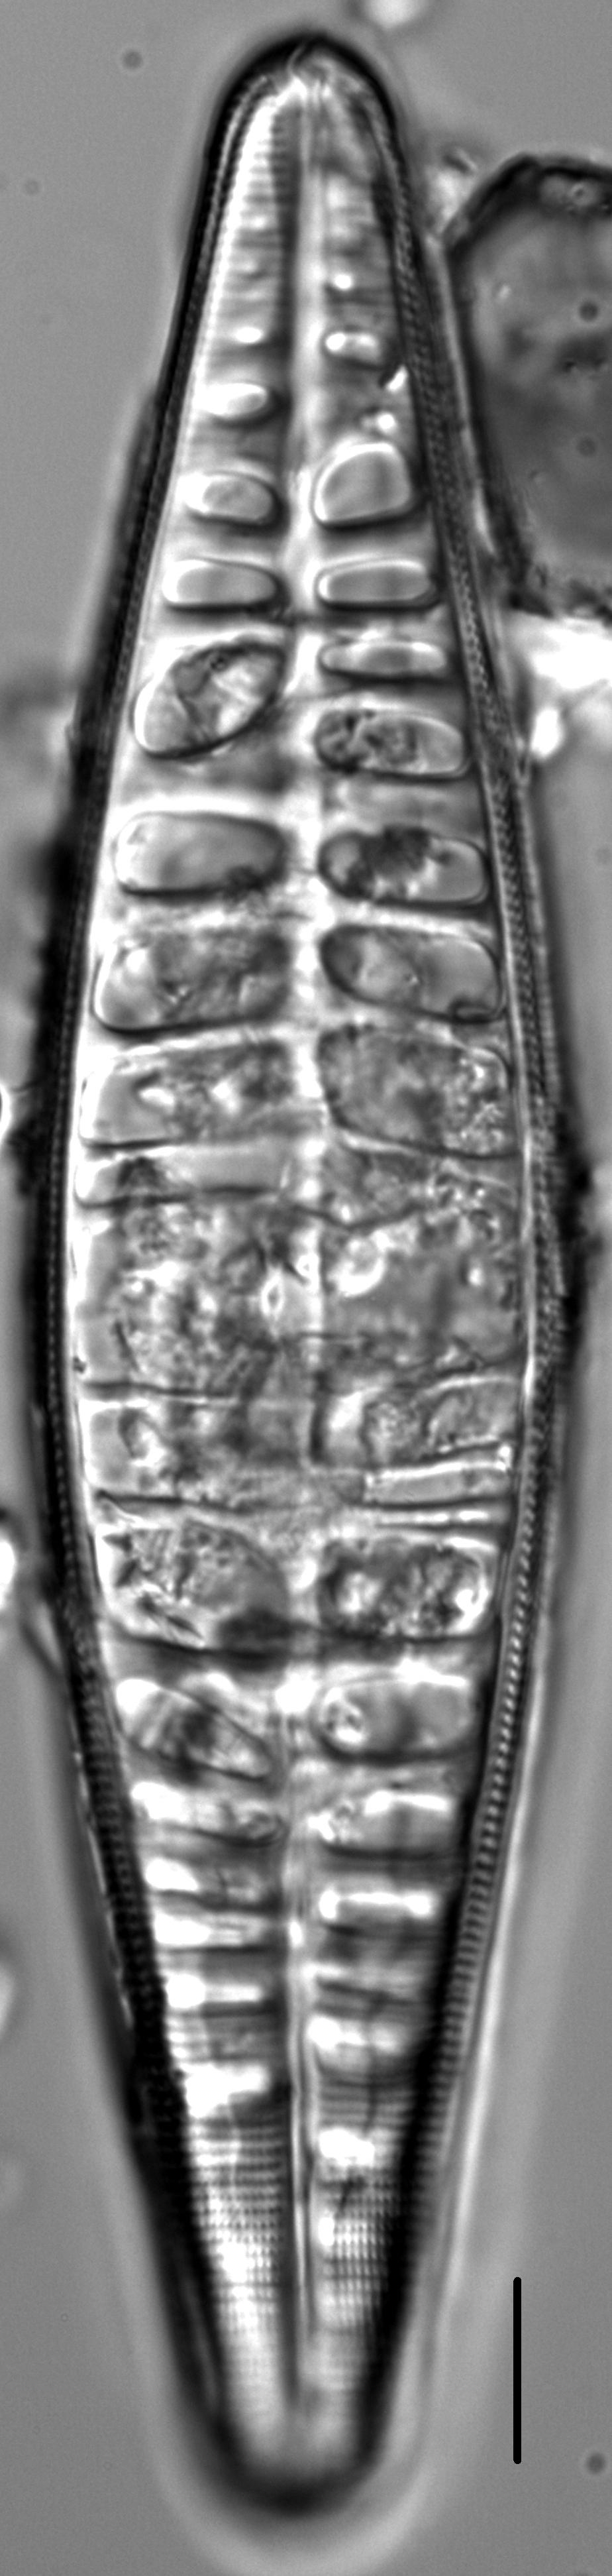 Craticula pampeana LM5